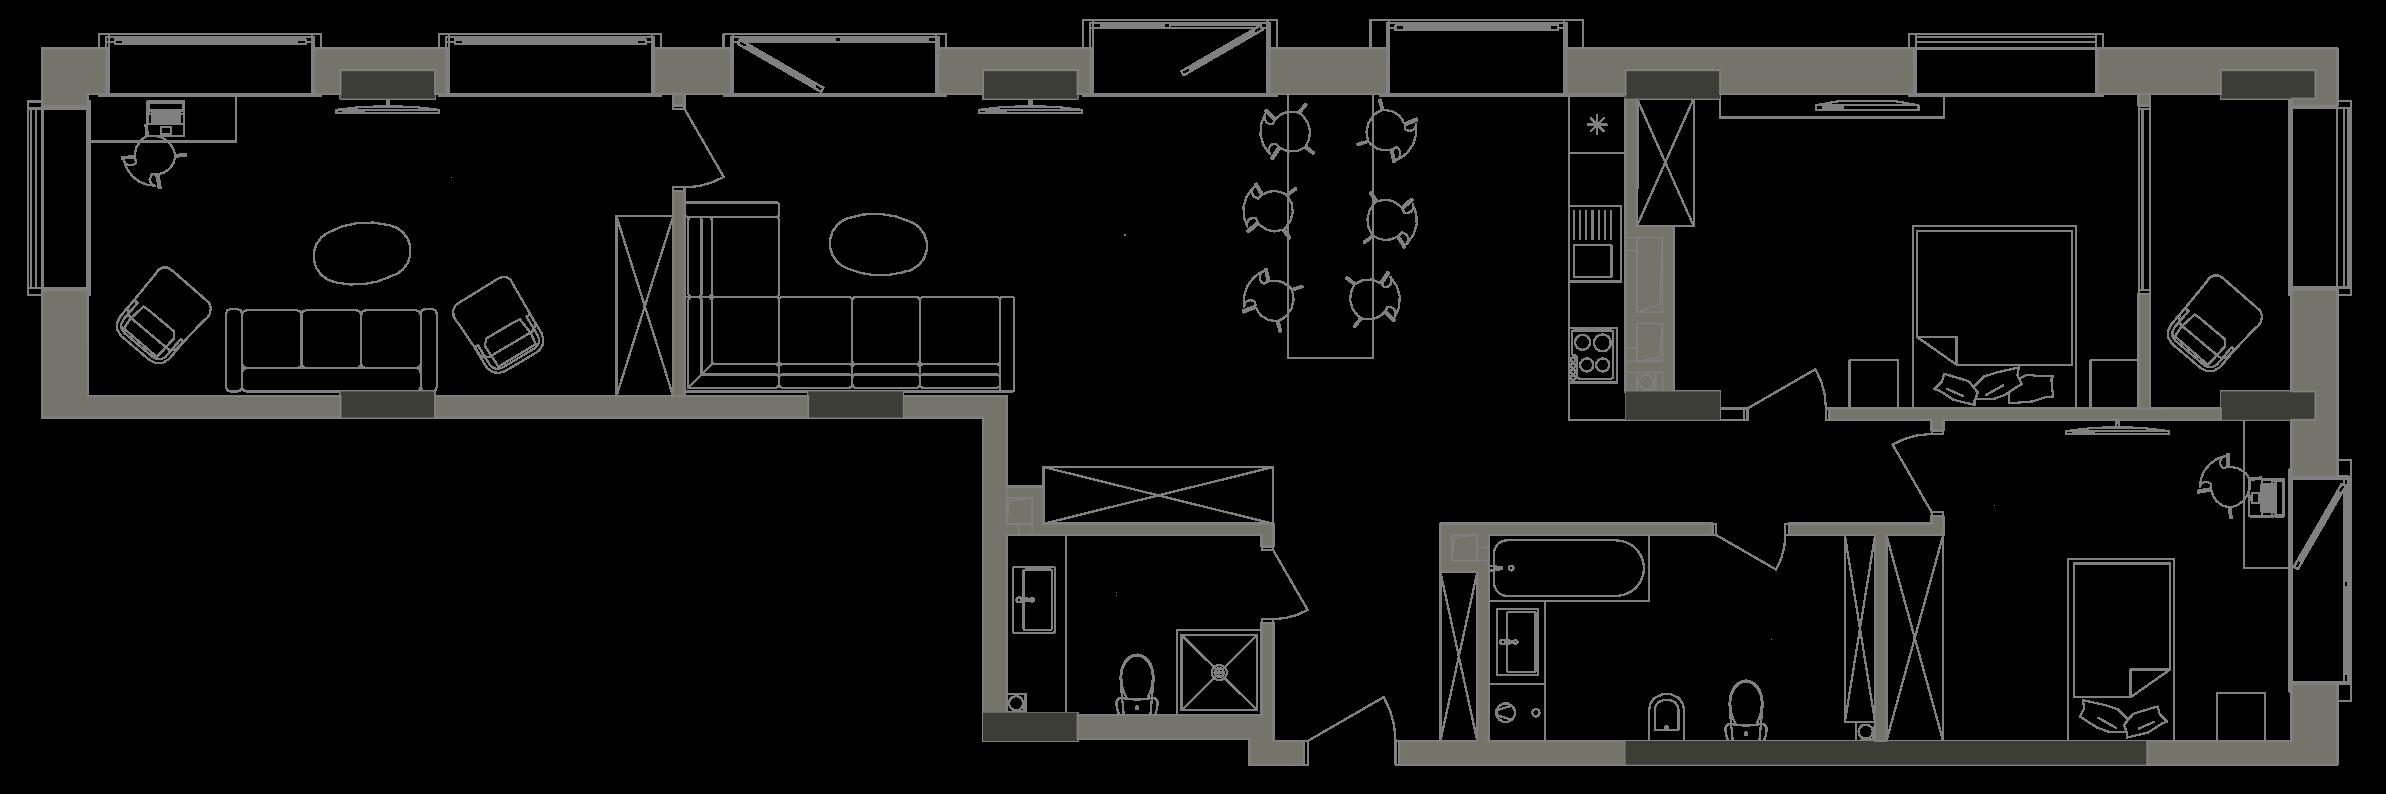 Квартира KV_6_3V_1_1_6